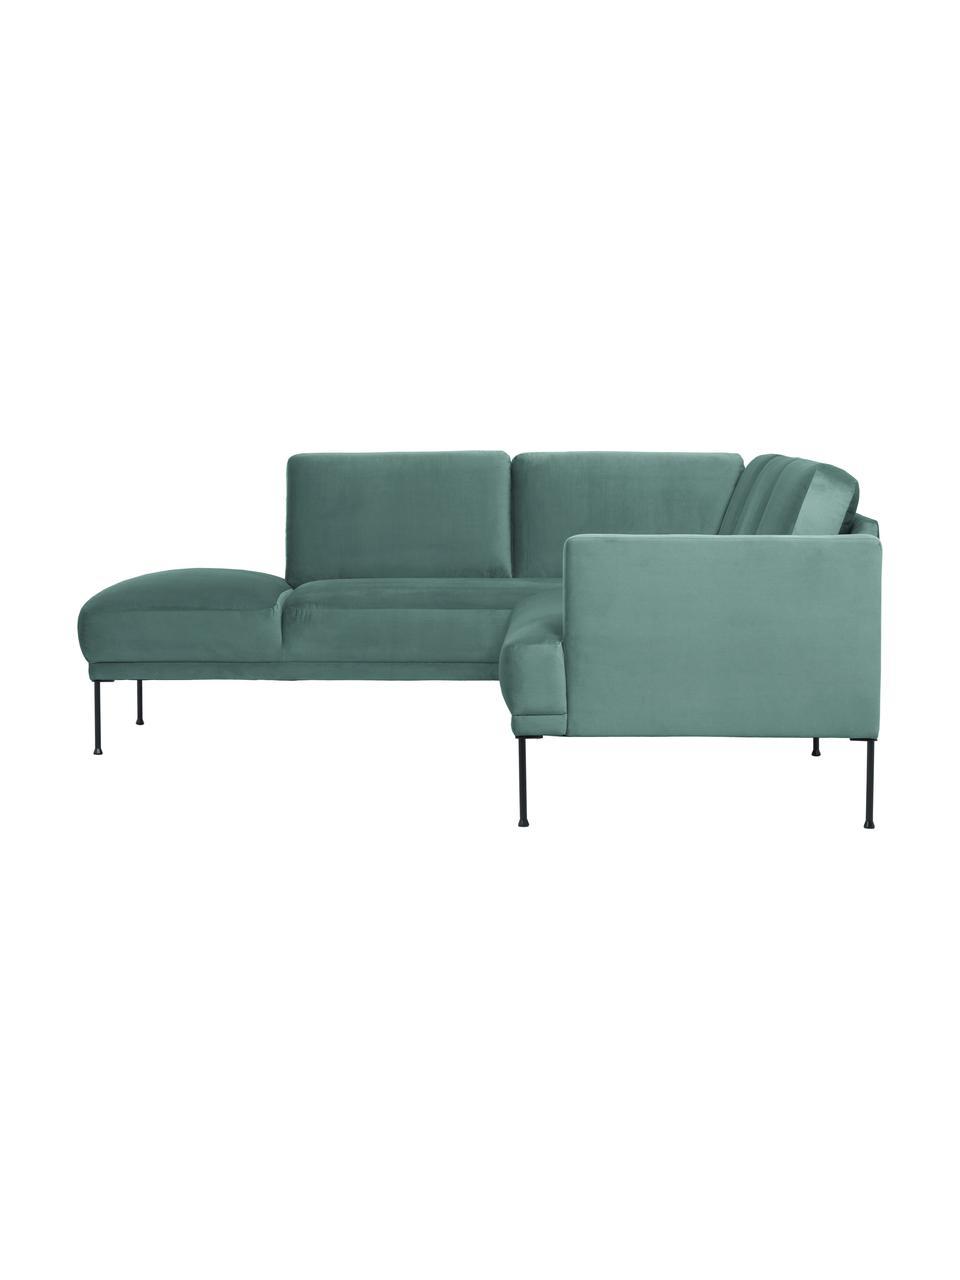 Sofa narożna z aksamitu z metalowymi nogami Fluente, Tapicerka: aksamit (wysokiej jakości, Nogi: metal malowany proszkowo, Aksamitny jasny zielony, S 221 x G 200 cm